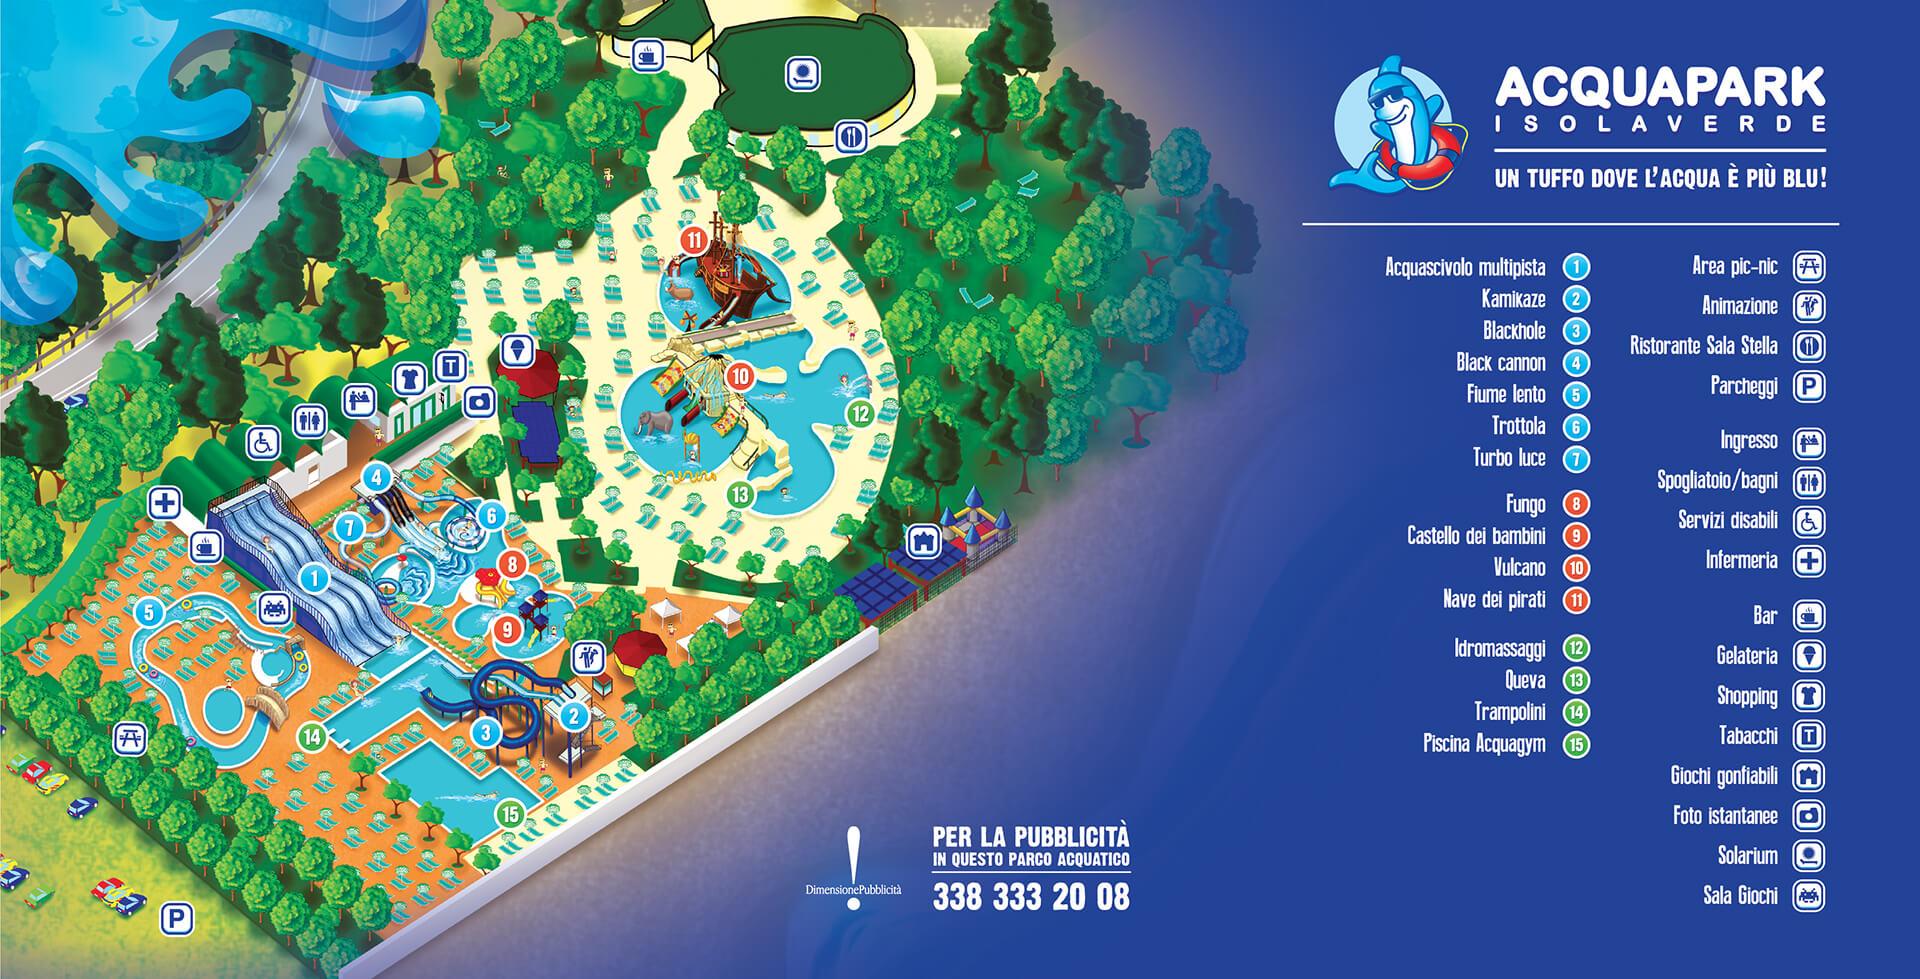 Prezzi e Offerte  Acquapark  Isola Verde